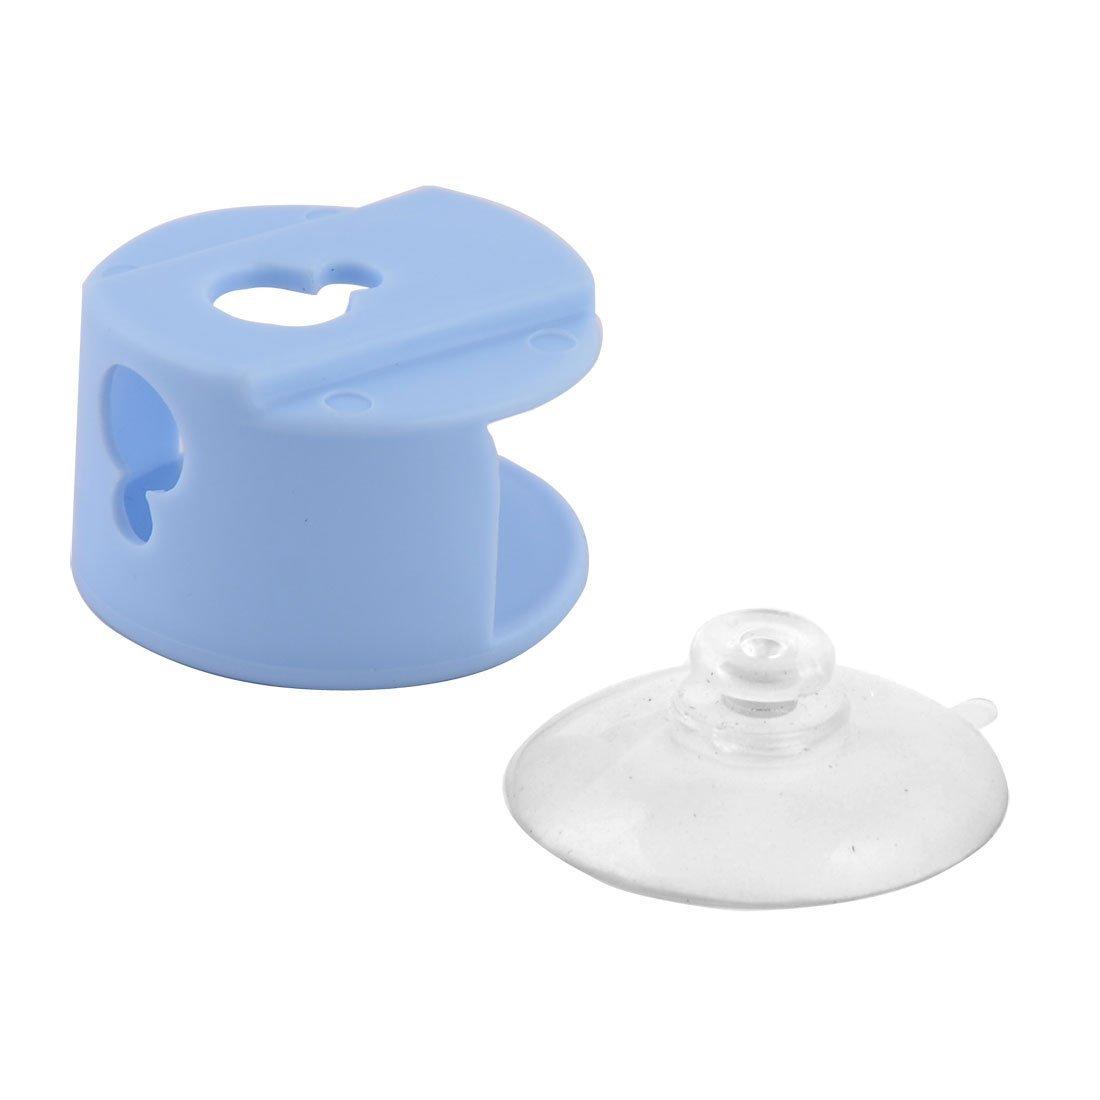 eDealMax plástico Home Hotel Baño de lavandería de ropa Toalla ventosa de colgar titular - - Amazon.com